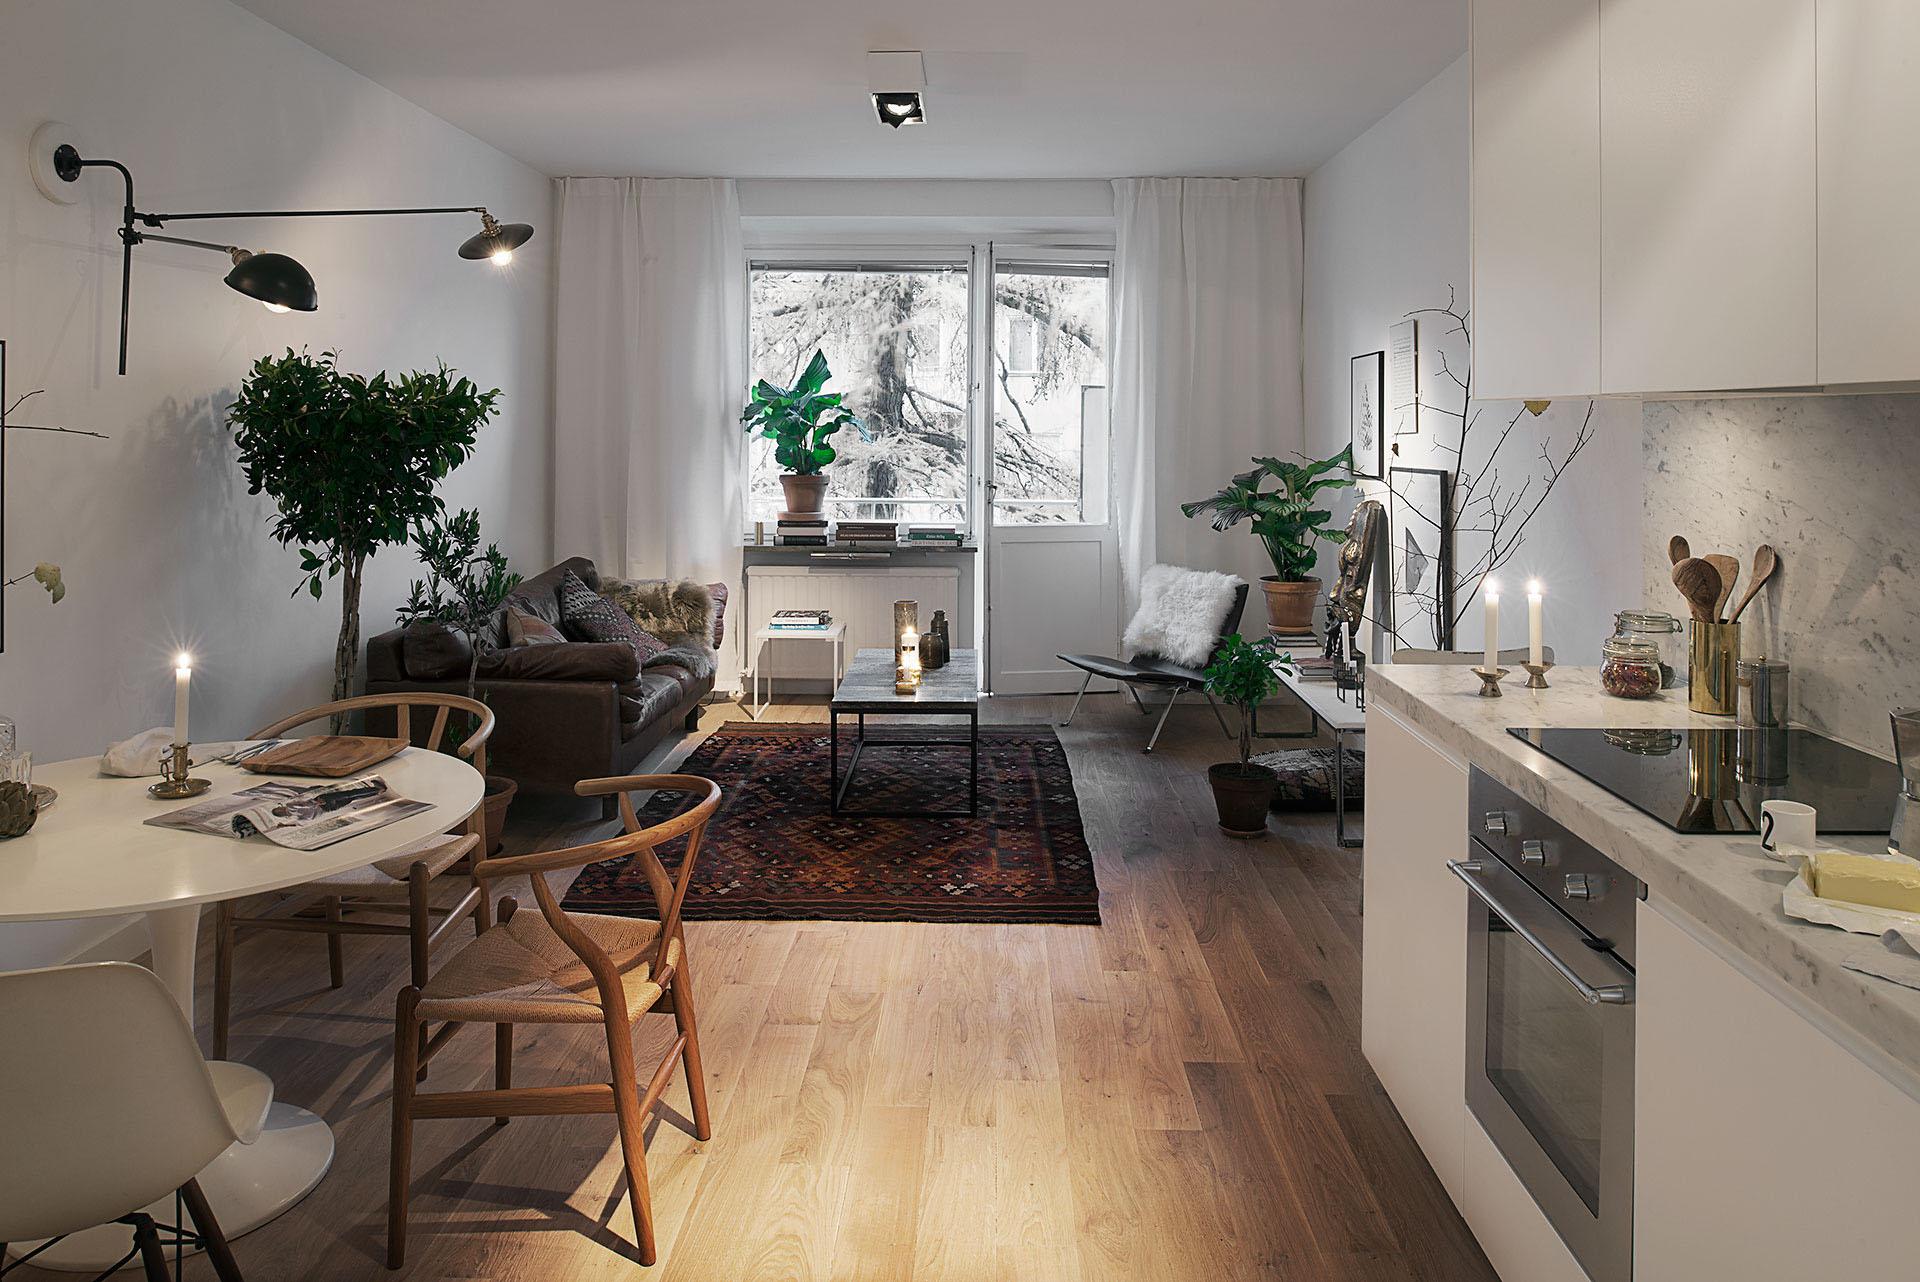 整体空间的特色是在厨房位置,因为条件的限制,把厨房以及餐桌做成组合,在节省空间后又不失整体的效果。